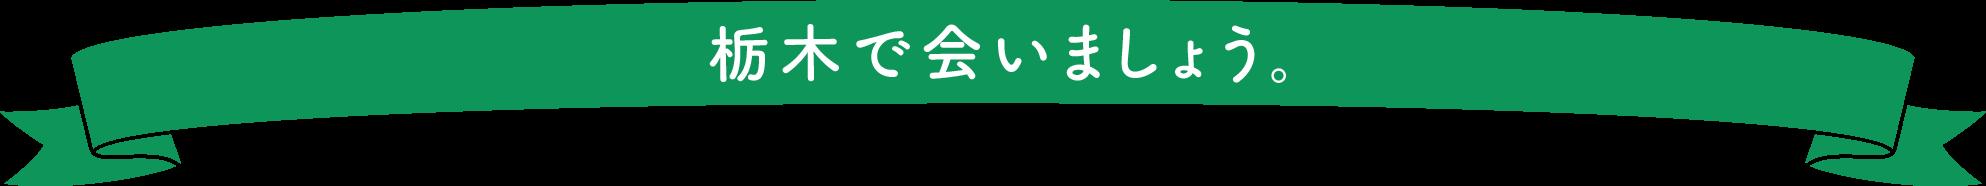 栃木で会いましょう。